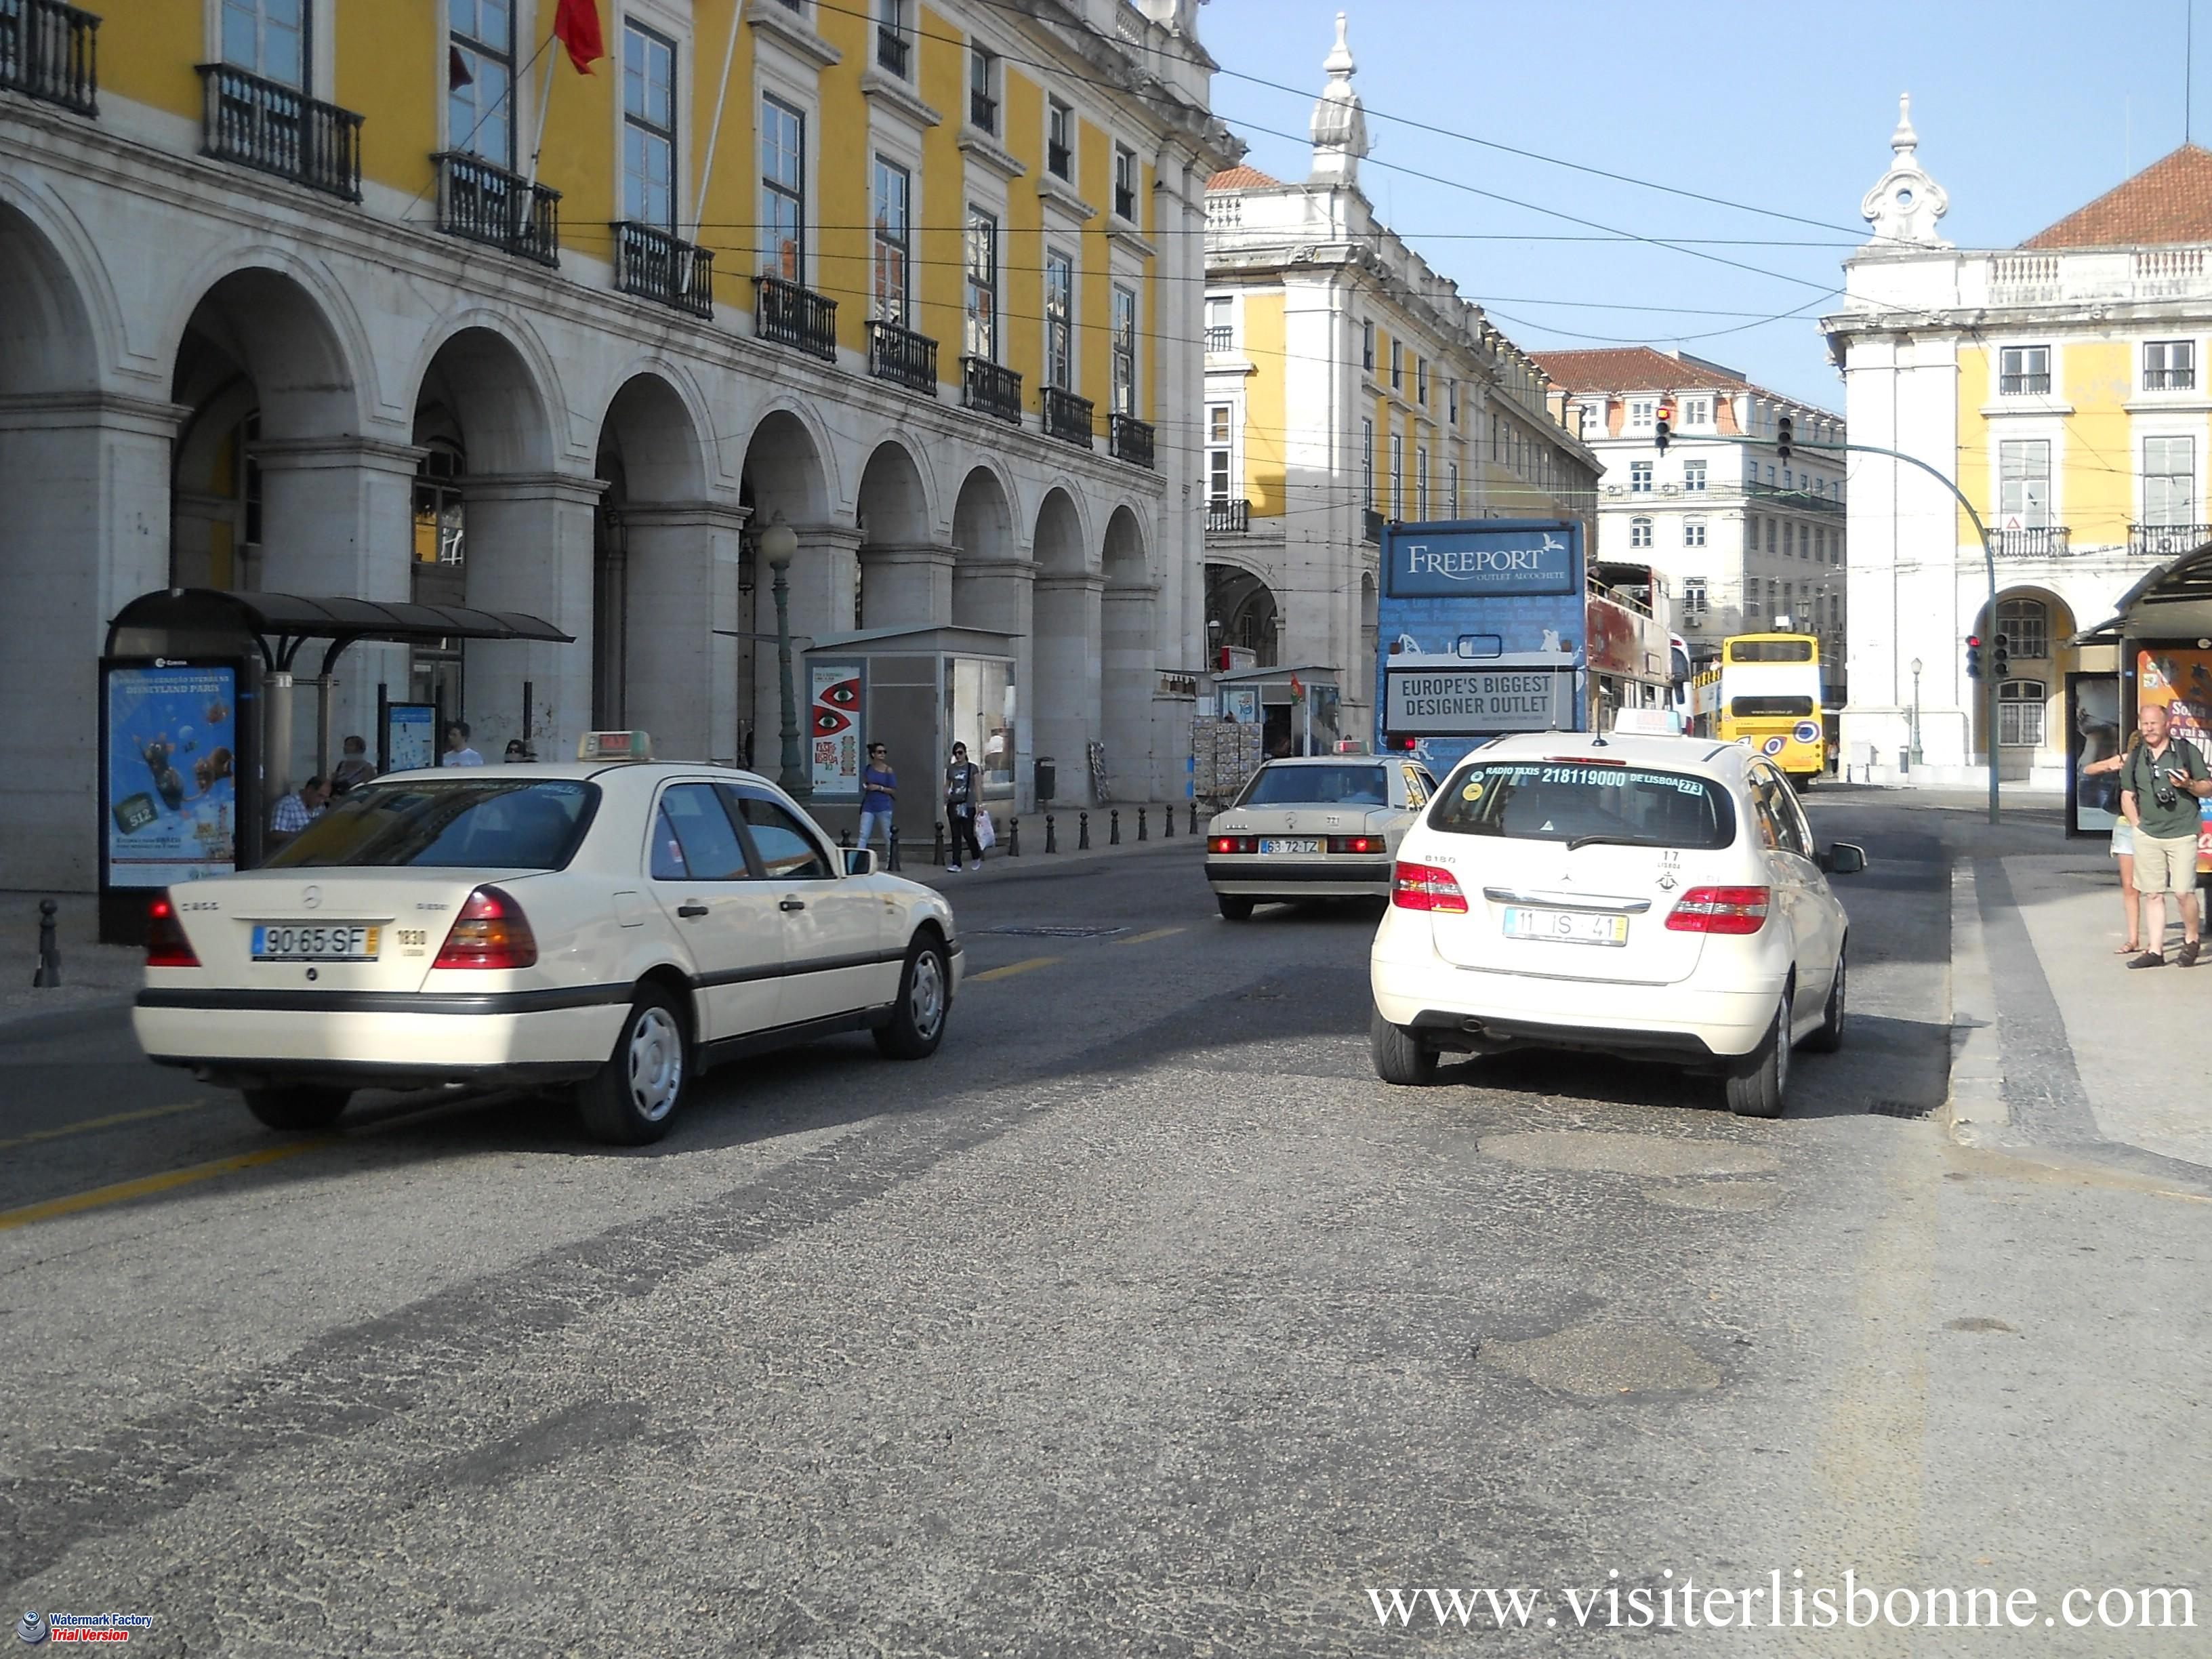 Transports lisbonne - Office de tourisme lisbonne ...